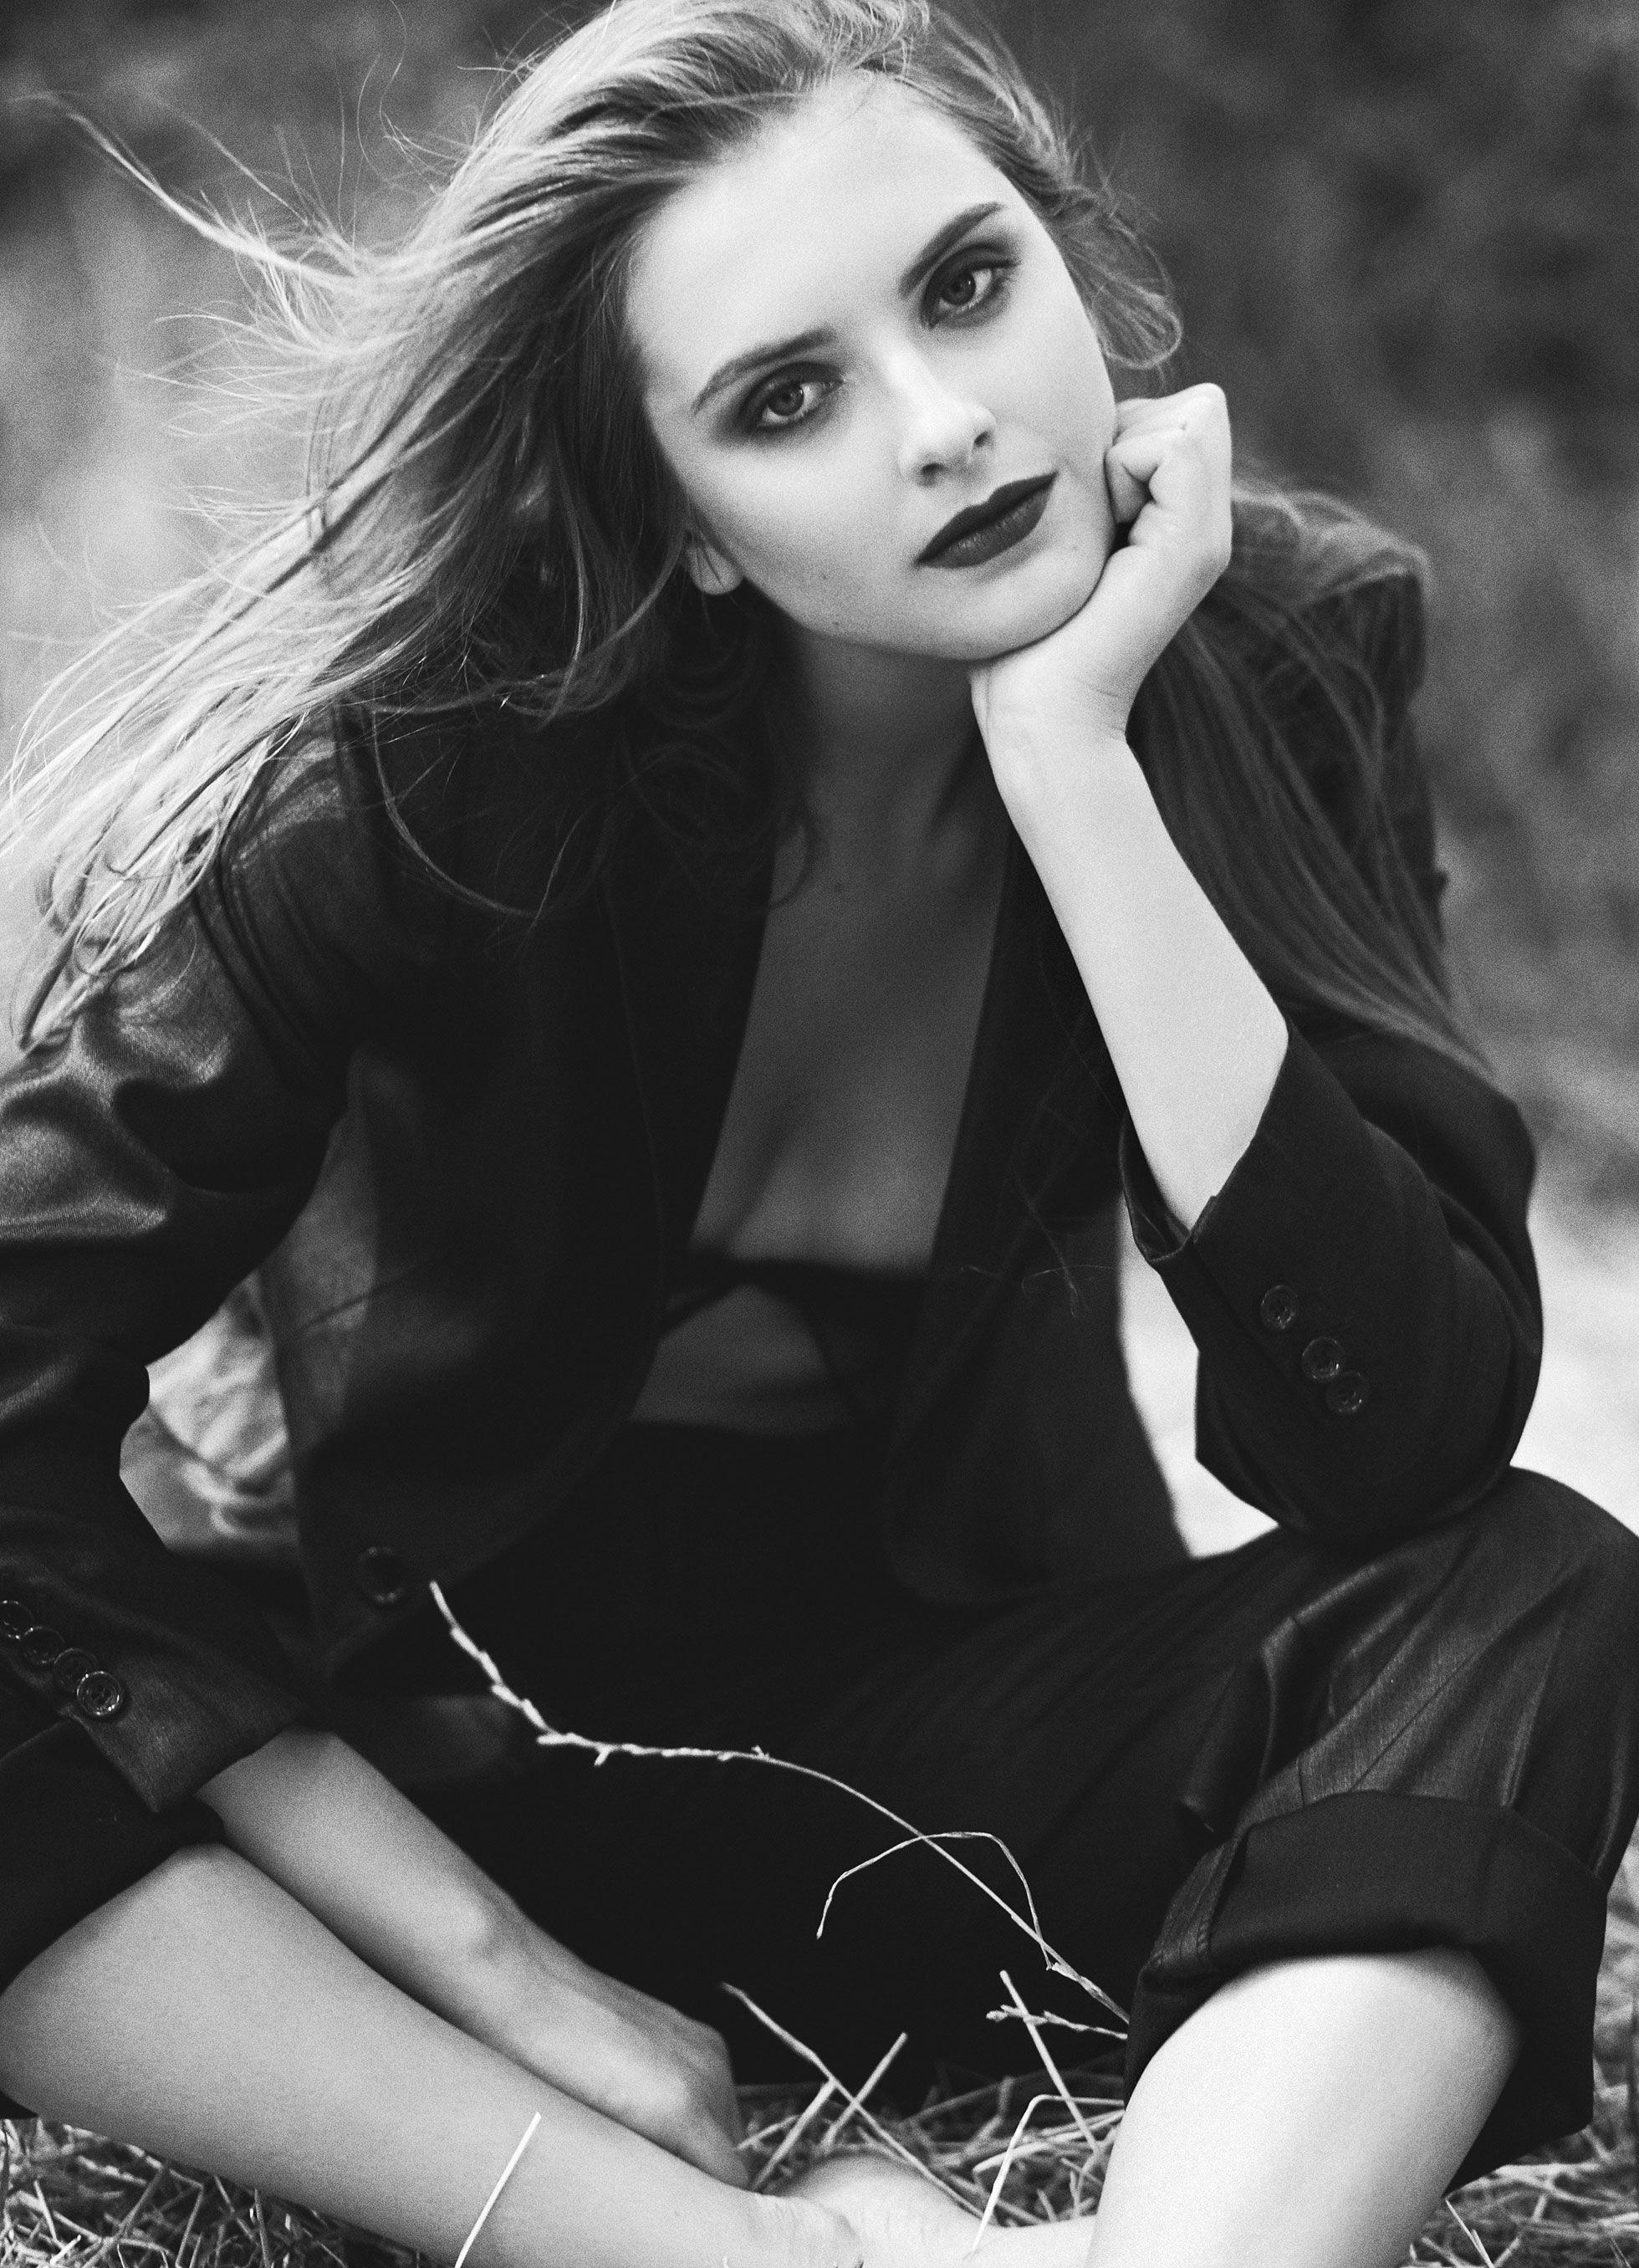 портрет; девушка;модель;, Енгибарова Ольга